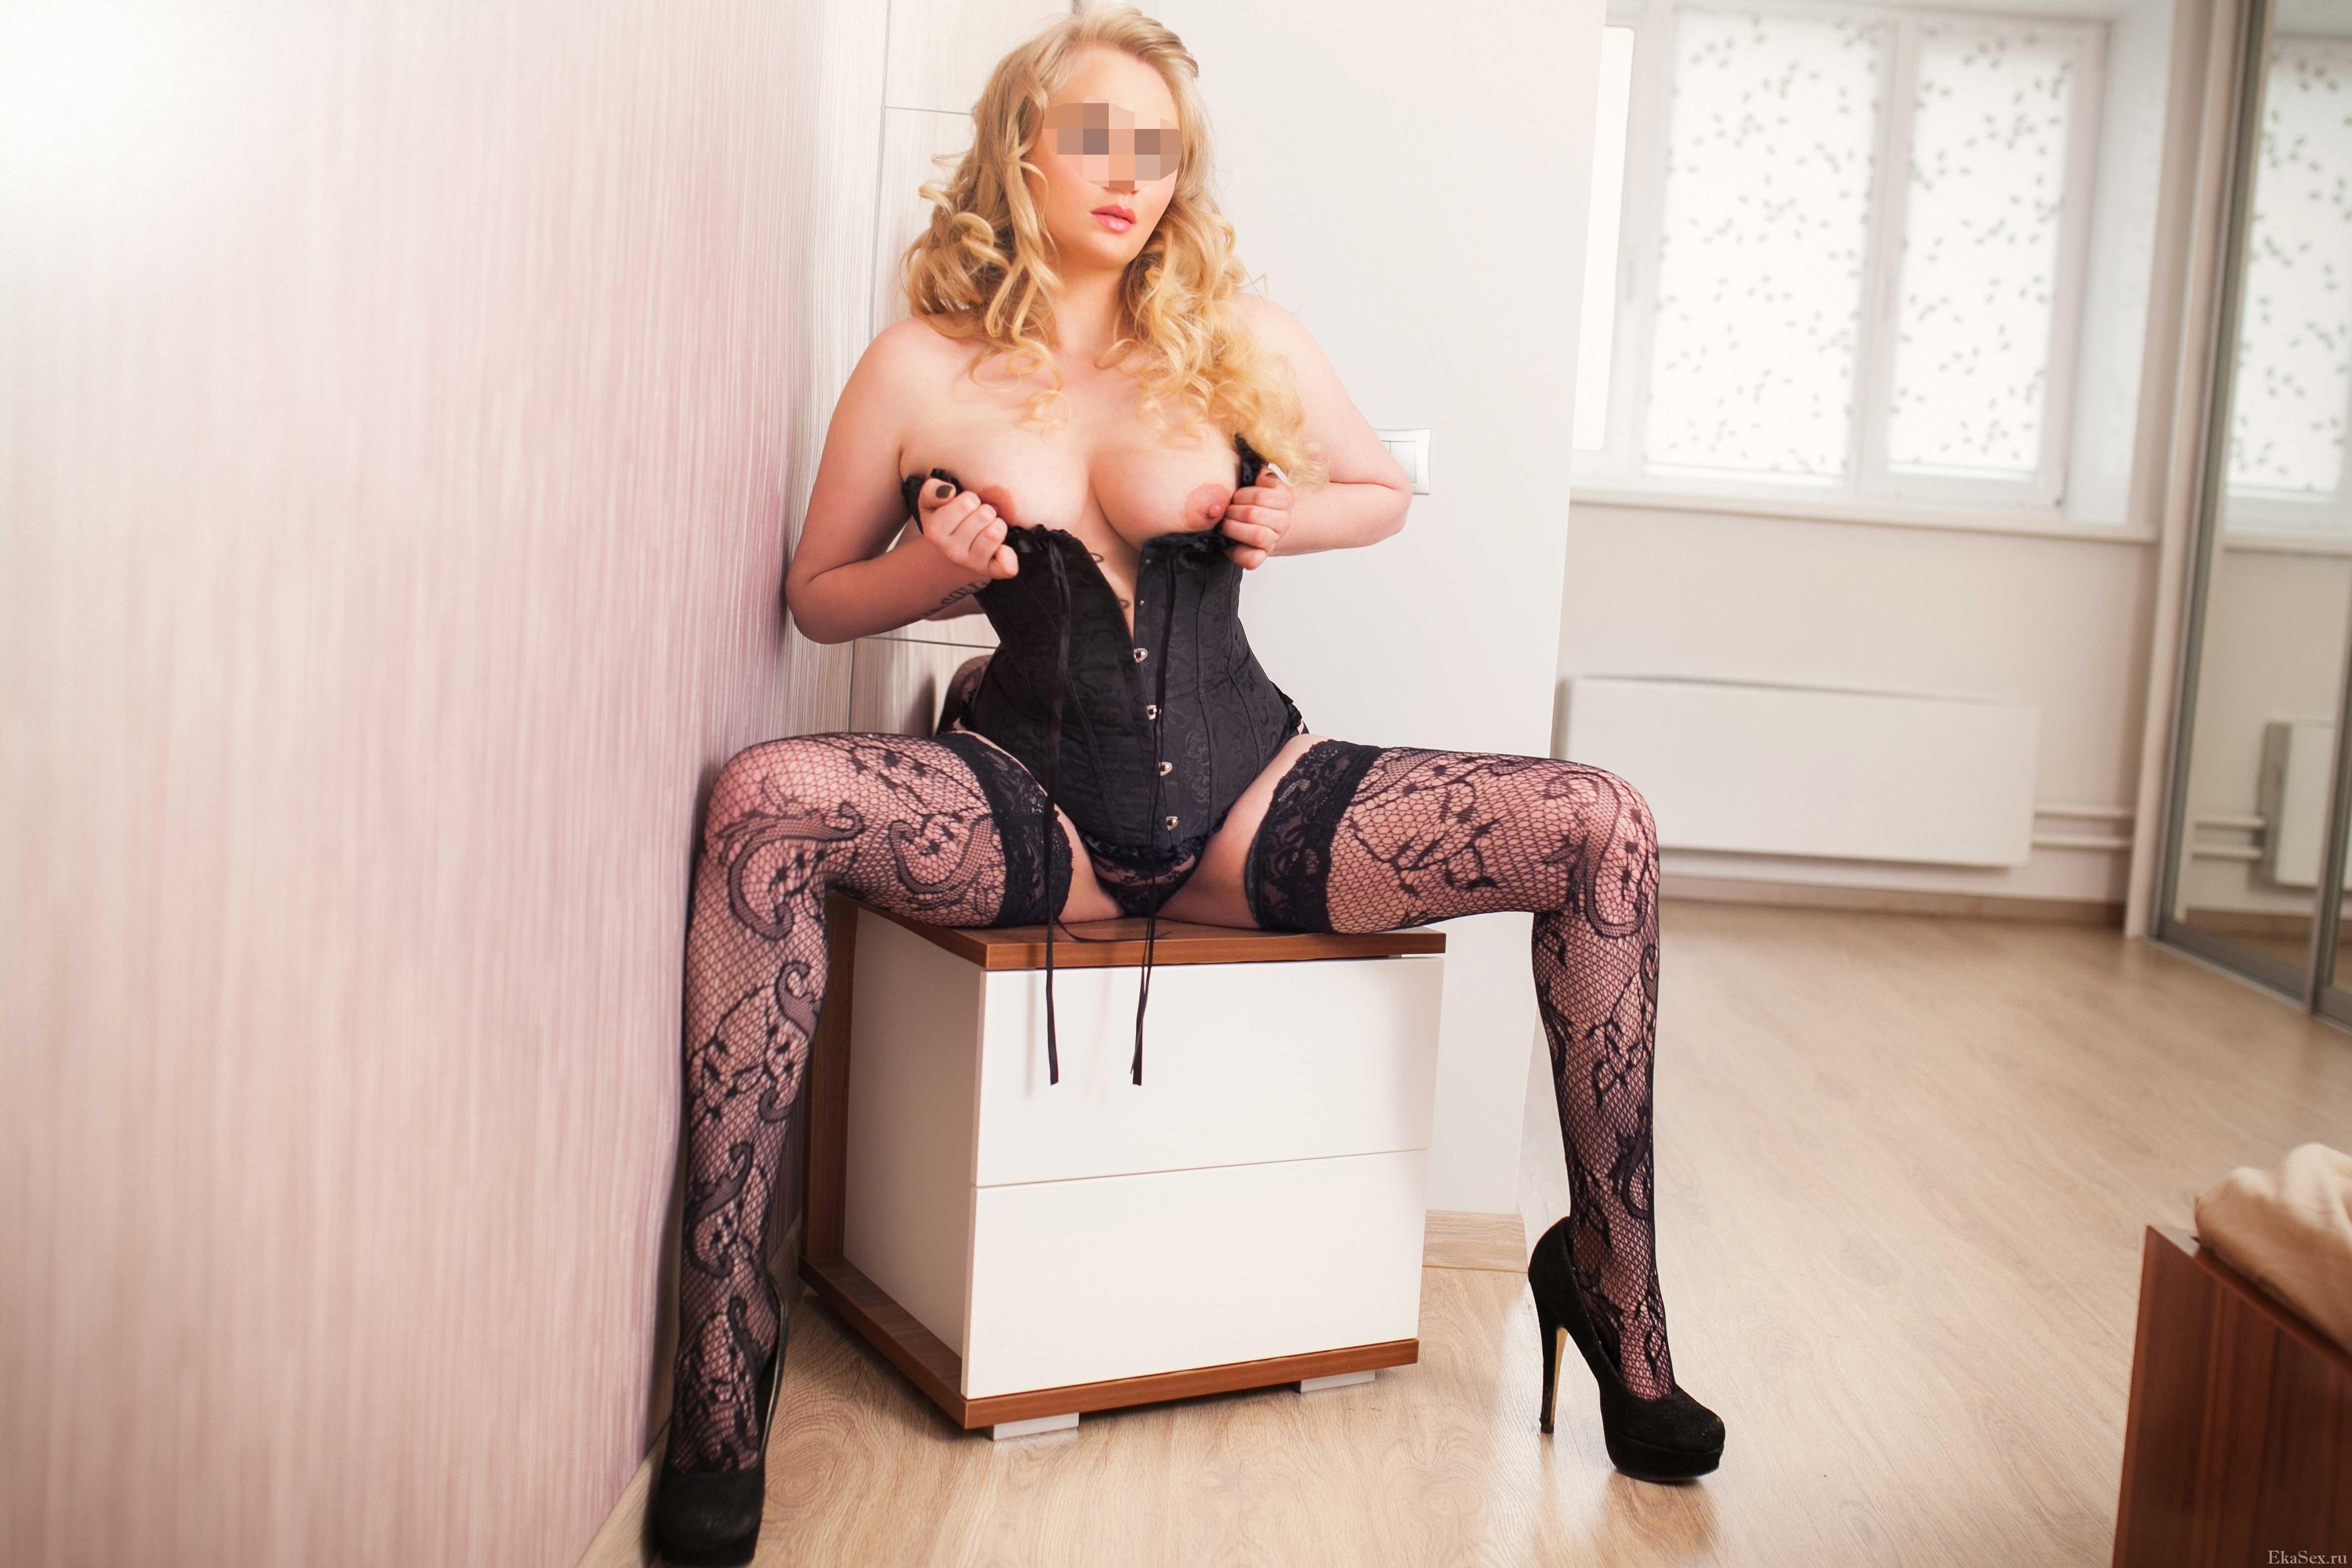 фото проститутки Лина из города Екатеринбург